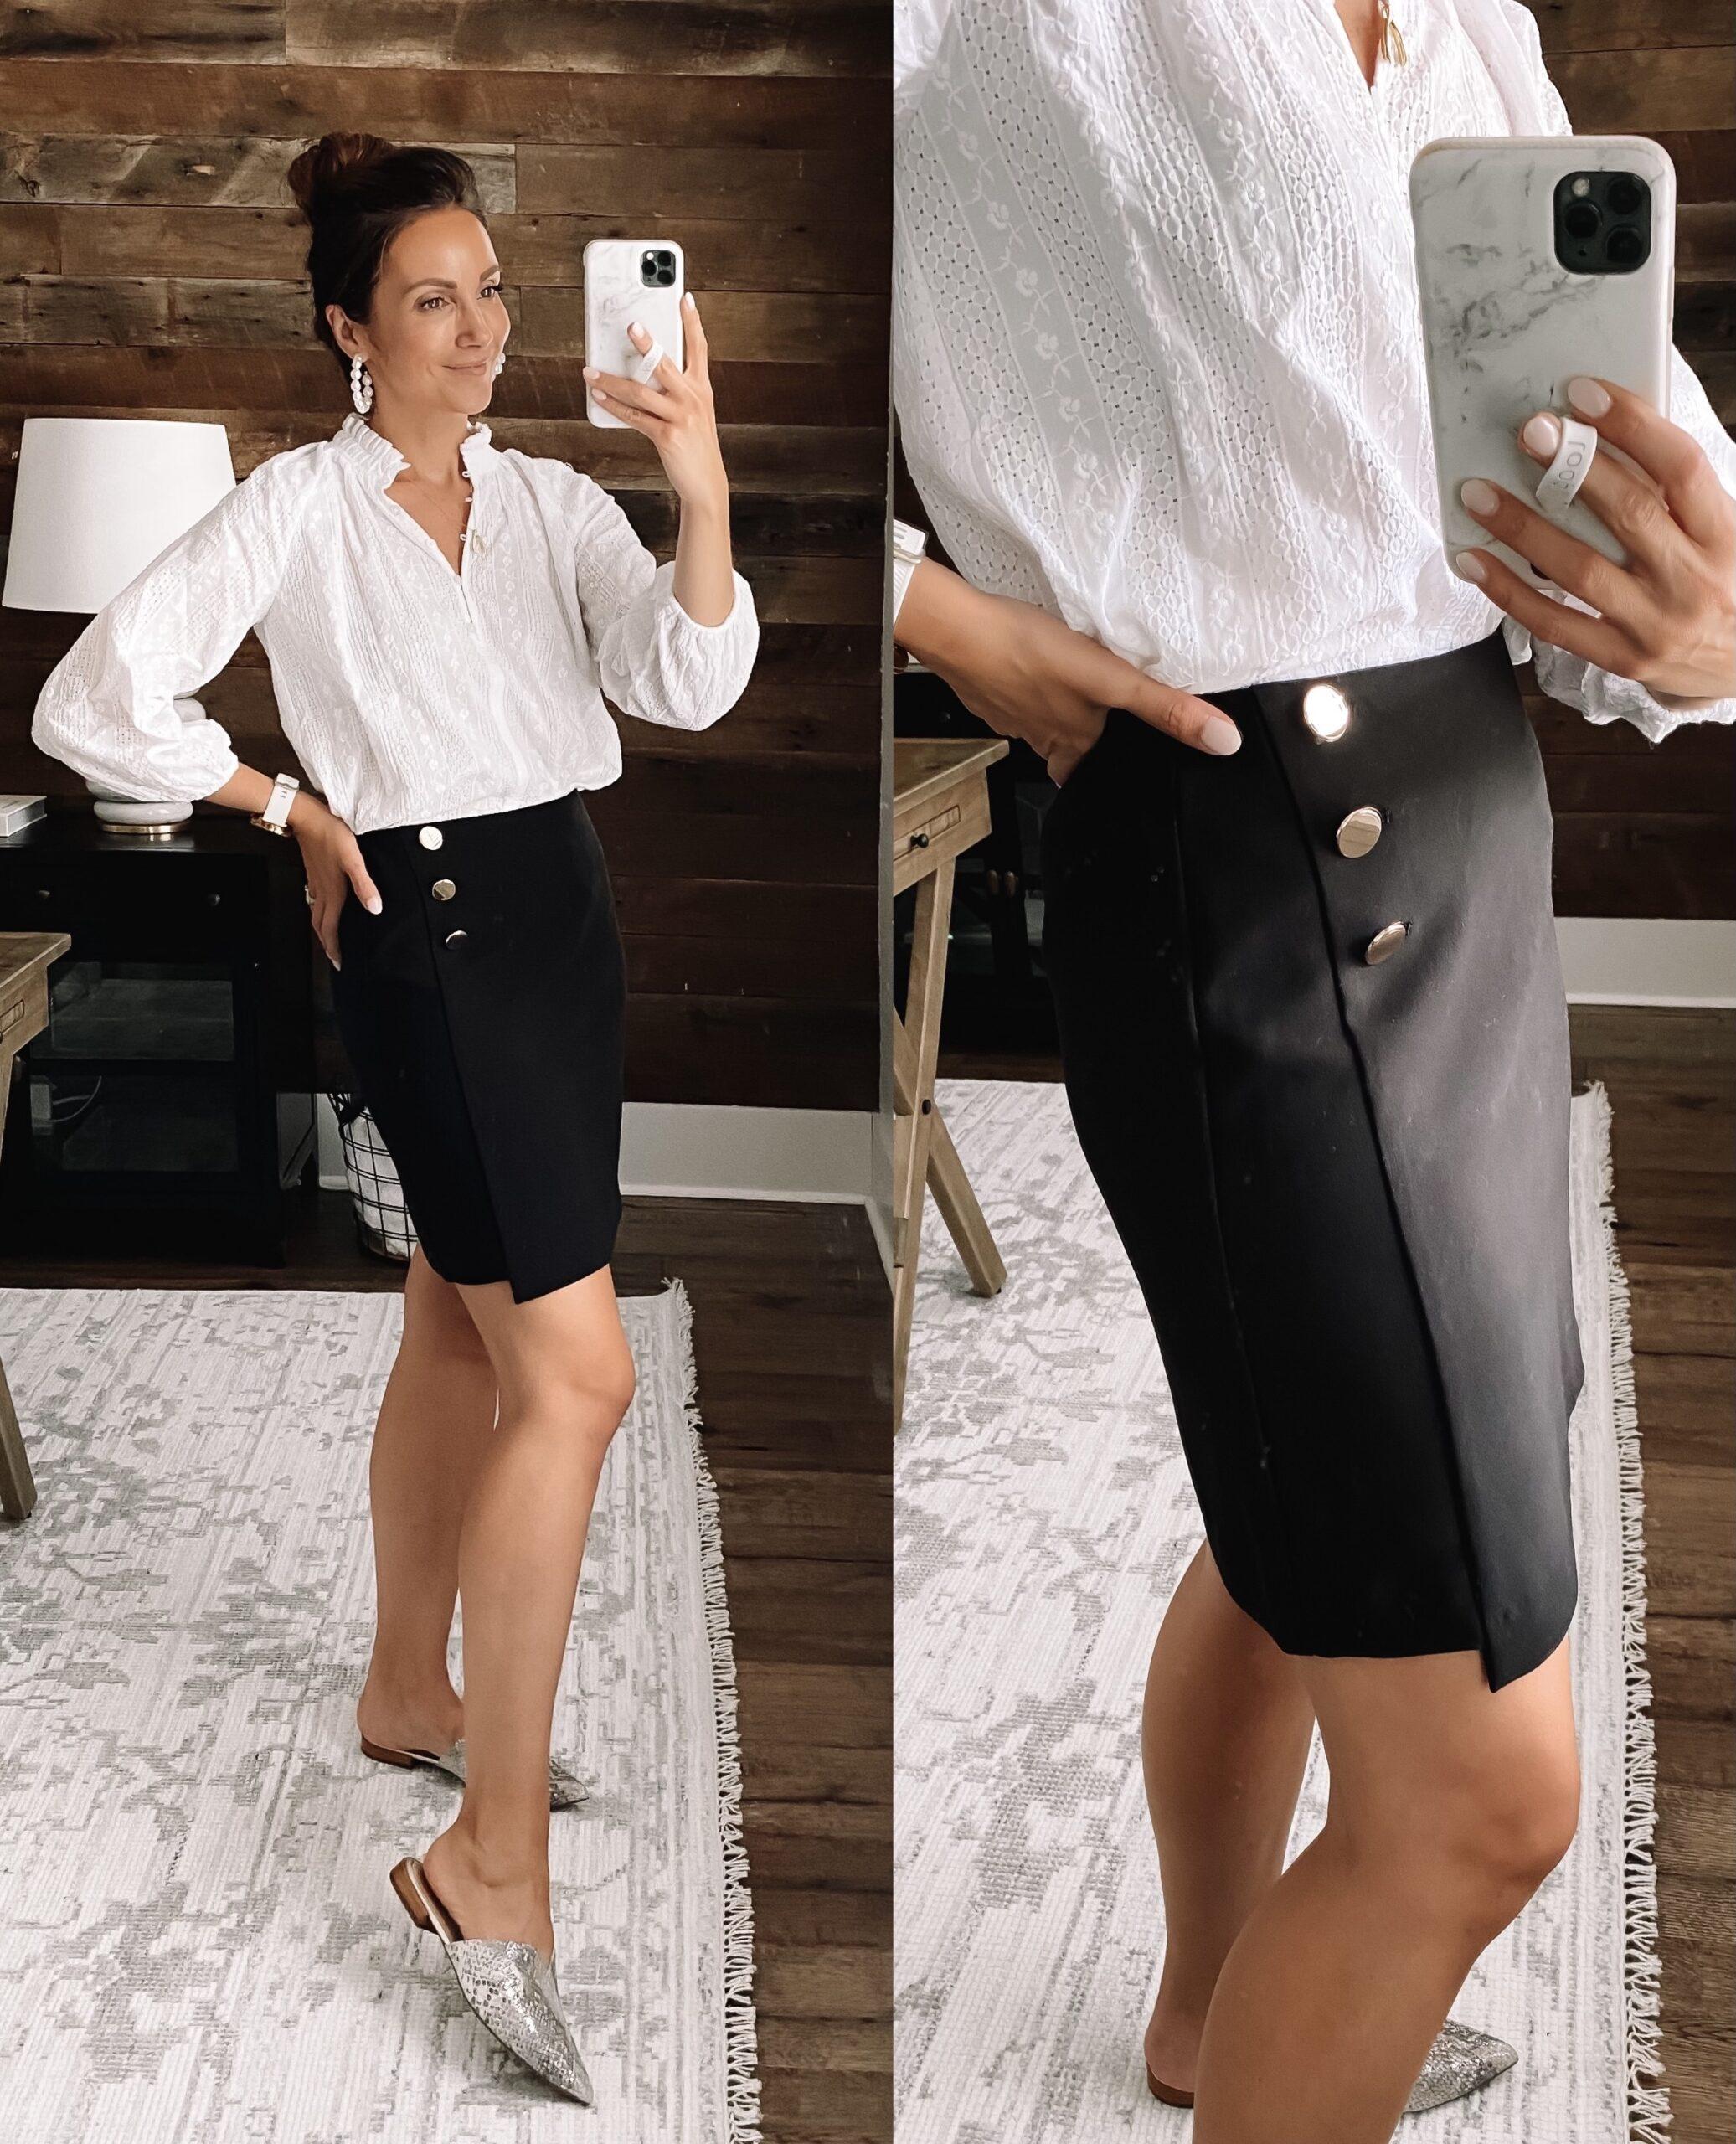 loft workwear outfit, loft teacher outfit, loft skirt